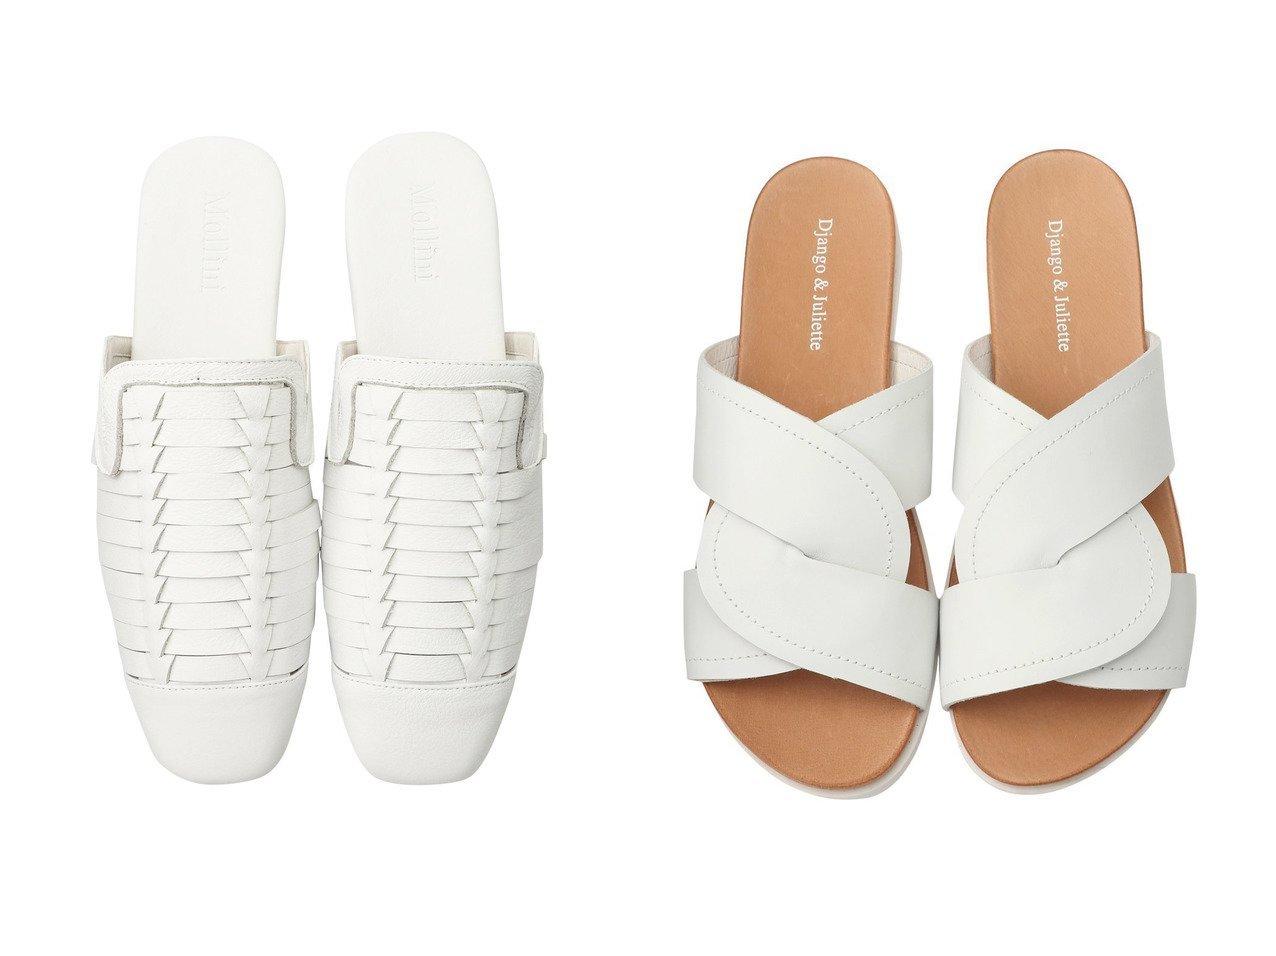 【JET/ジェット】の【Mollini】レザーフラットサンダル&【Django&Juliette】レザーサンダル 【シューズ・靴】おすすめ!人気、トレンド・レディースファッションの通販   おすすめで人気の流行・トレンド、ファッションの通販商品 メンズファッション・キッズファッション・インテリア・家具・レディースファッション・服の通販 founy(ファニー) https://founy.com/ ファッション Fashion レディースファッション WOMEN サンダル シンプル フラット メッシュ |ID:crp329100000026875